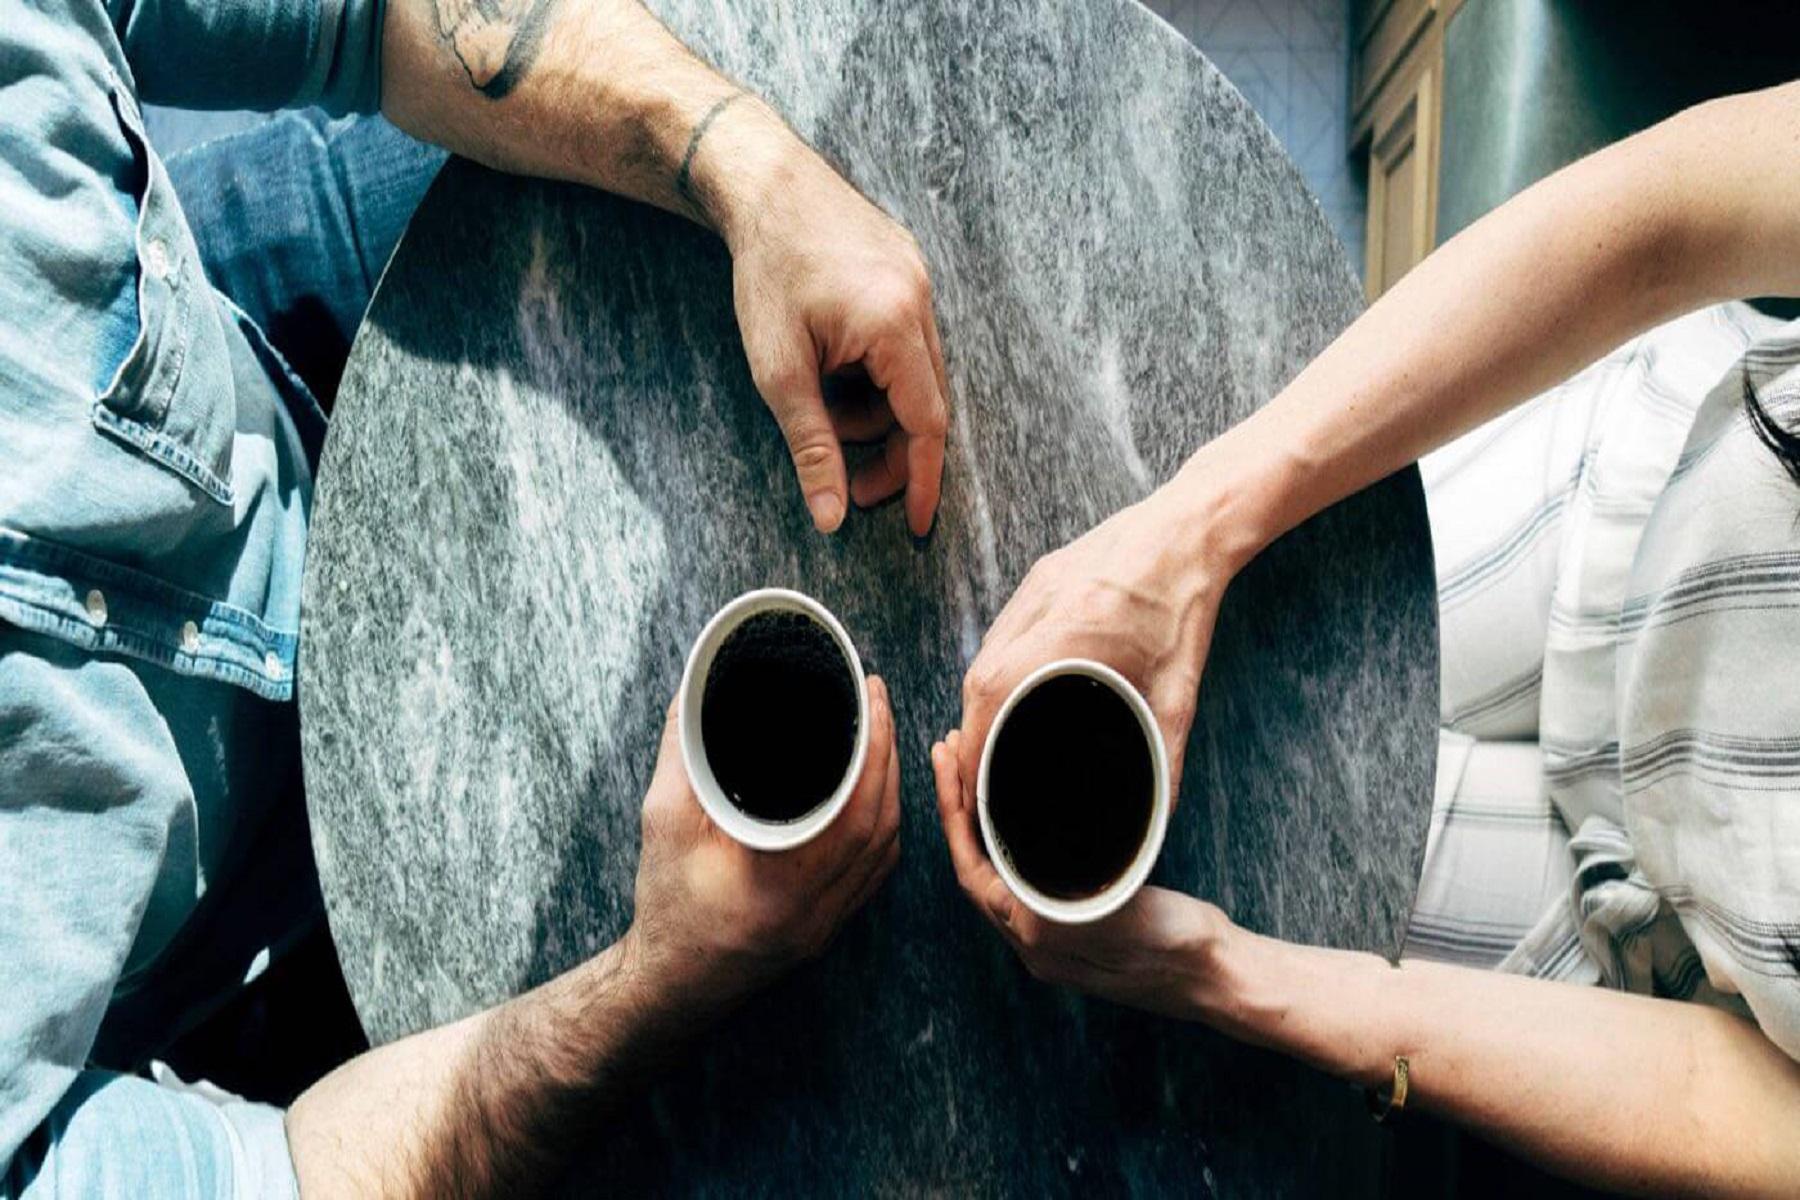 Αντιπαράθεση Σχέσεις: Βγαίνοντας από το καβούκι μας ξαναβρίσκουμε τη χαμένη μας αυτοεκτίμηση